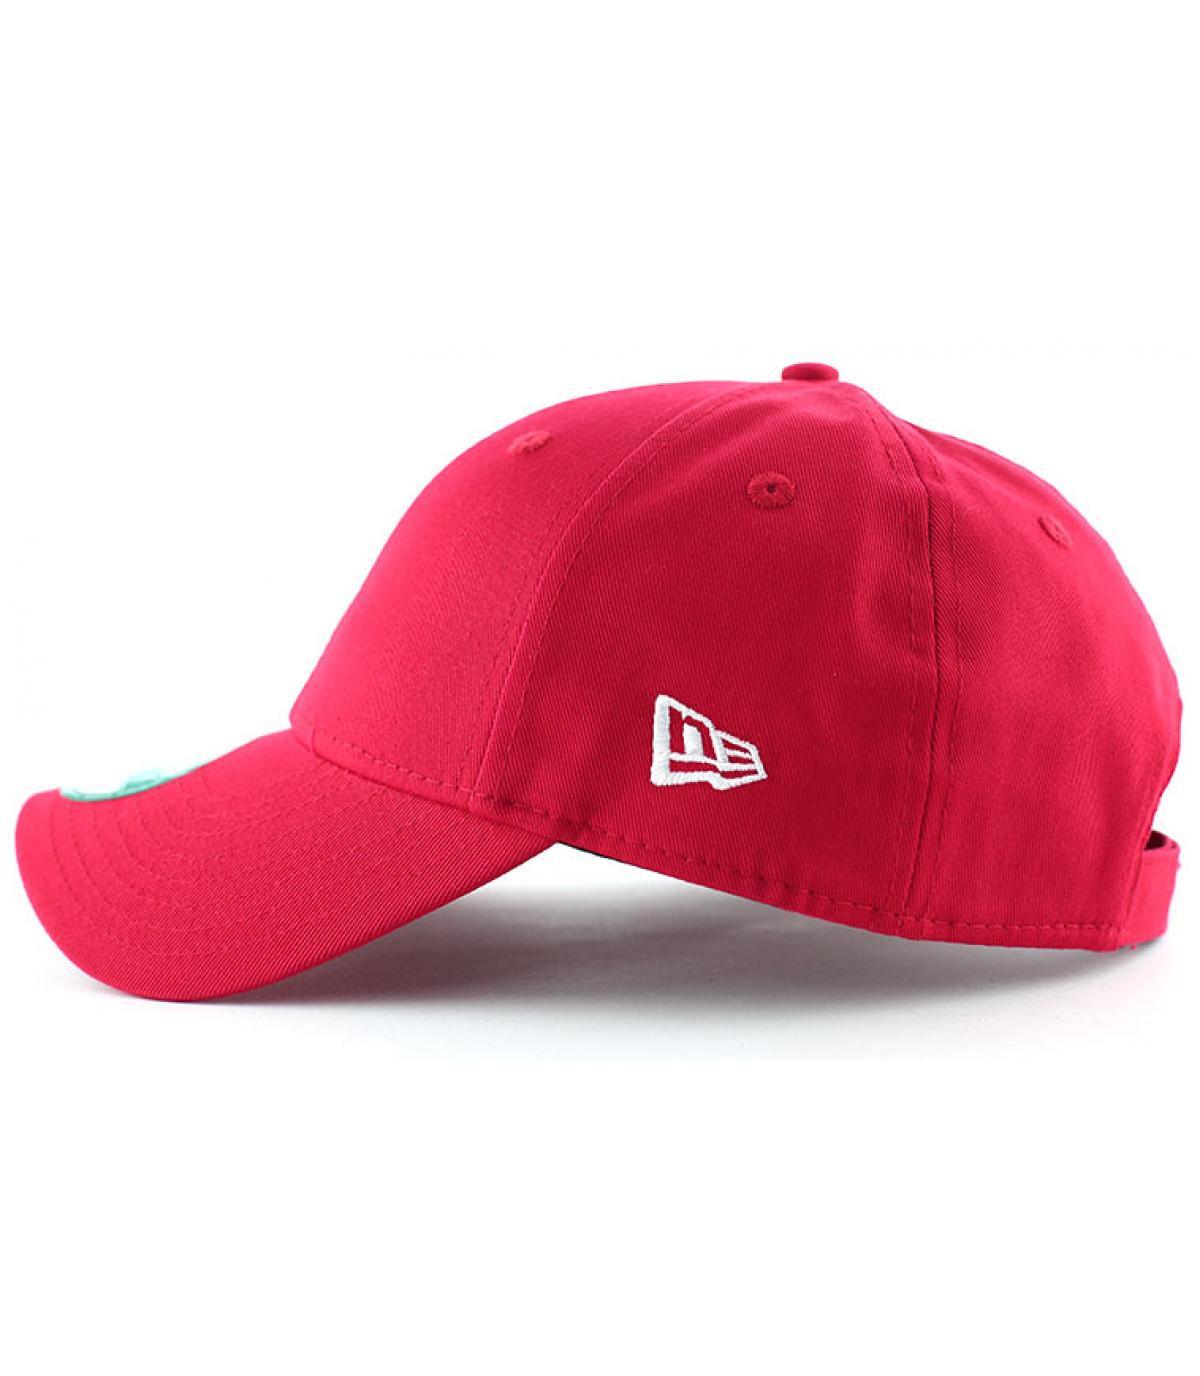 Détails Casquette basic rouge - image 3